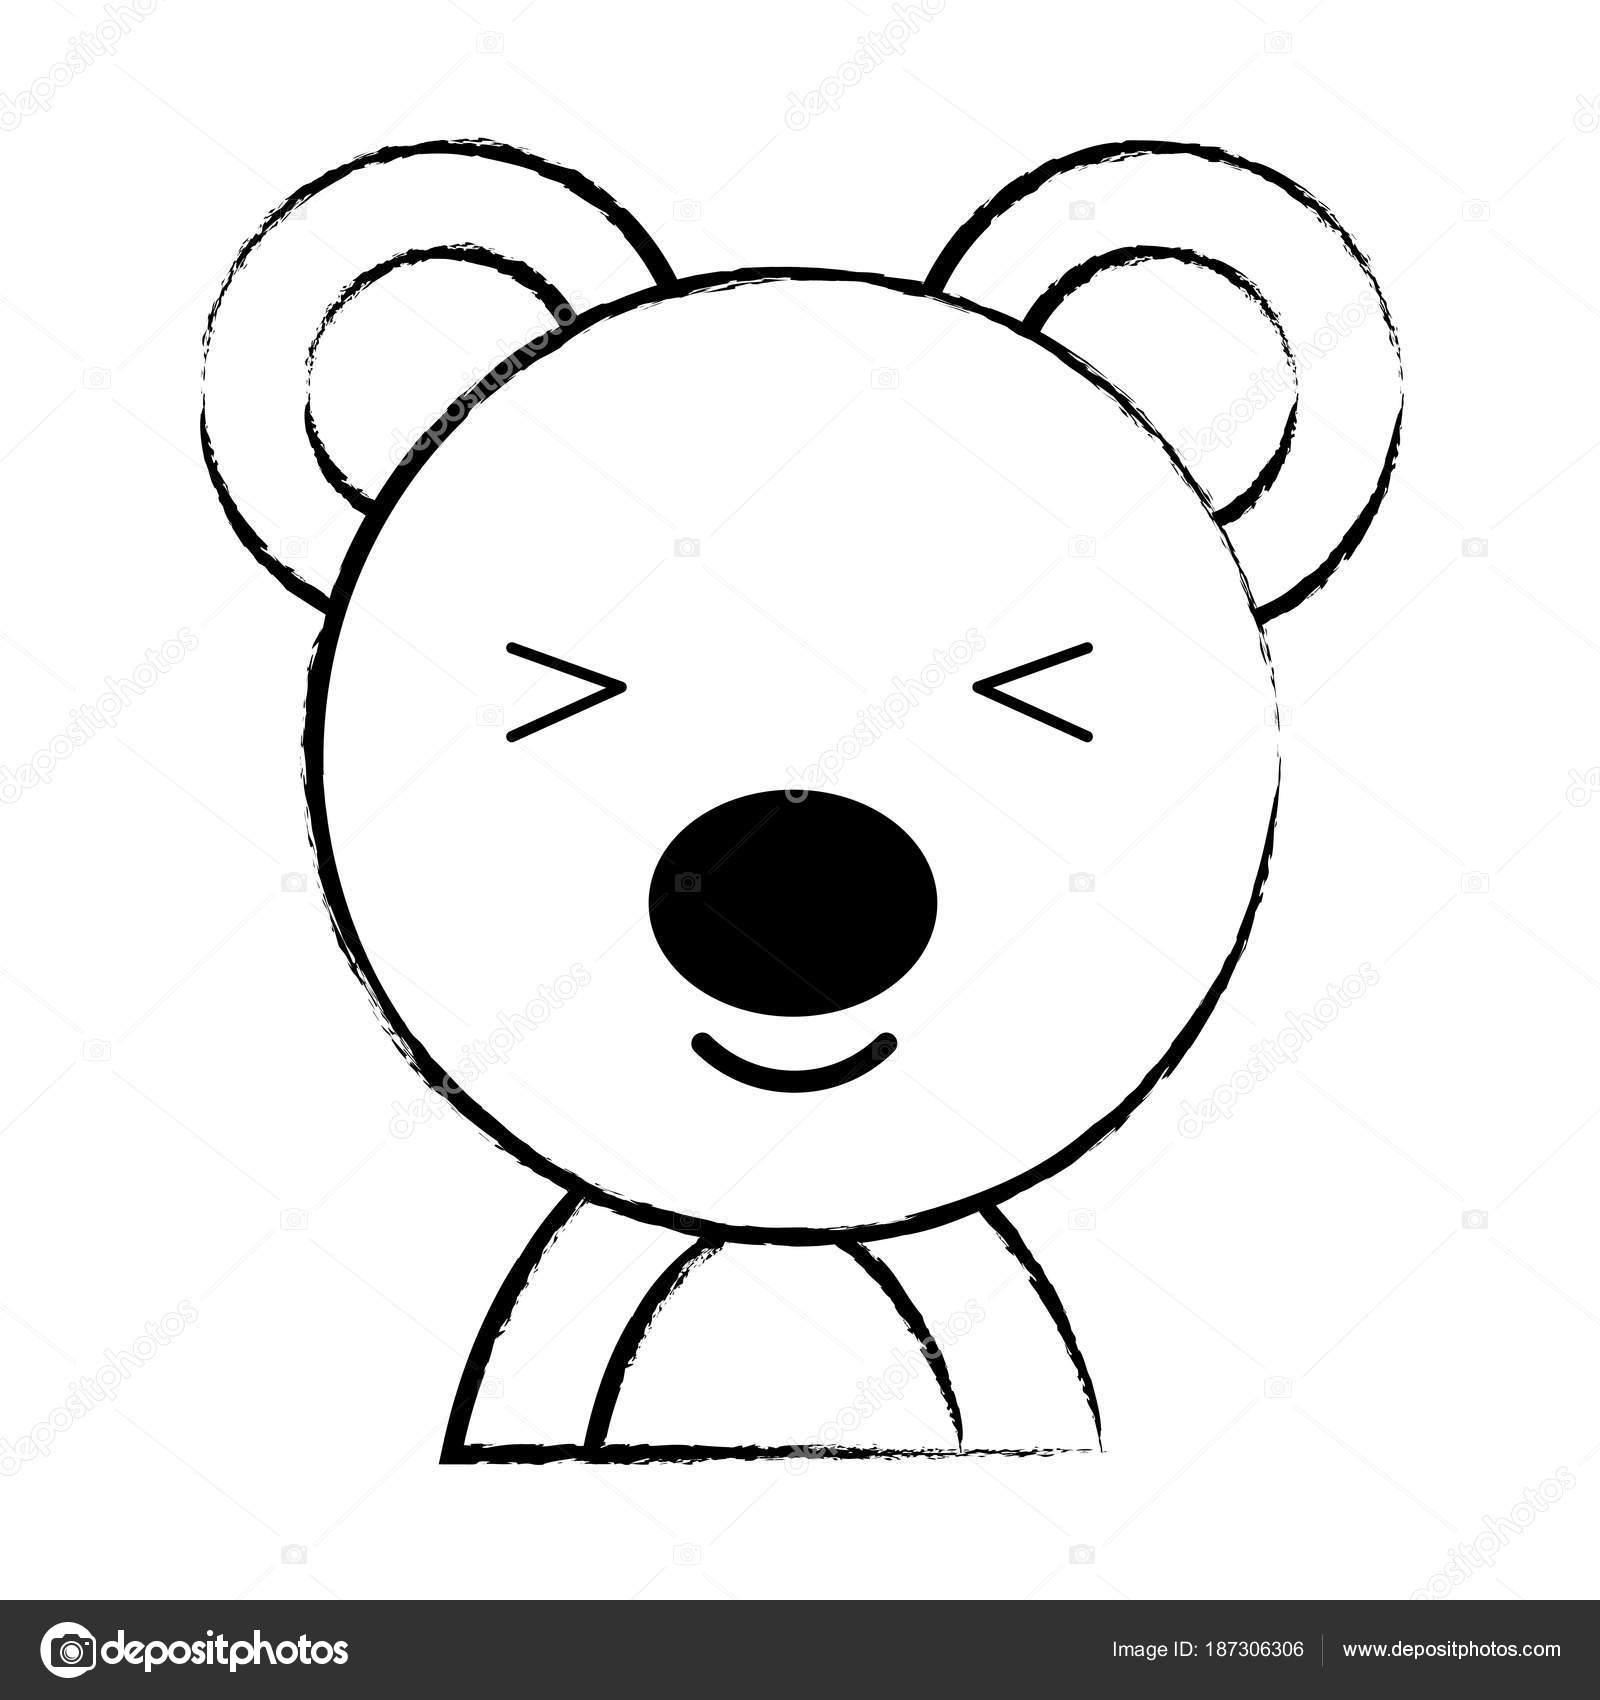 desenho de animais fofos vetor de stock djv 187306306